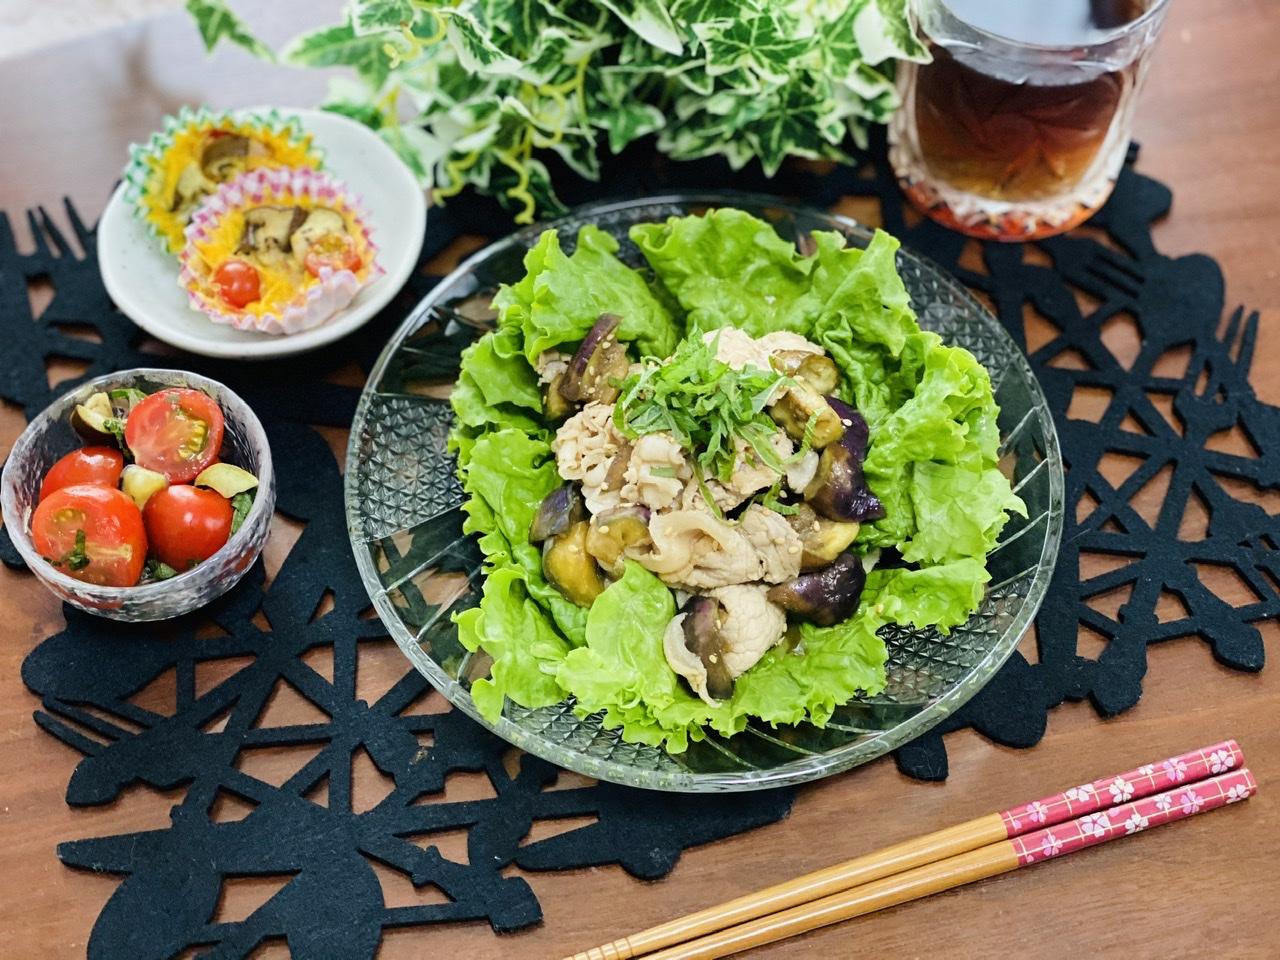 【今月のお家ごはん】アラサー女子の食卓!作り置きおかずでラク晩ご飯♡-Vol.17-_9